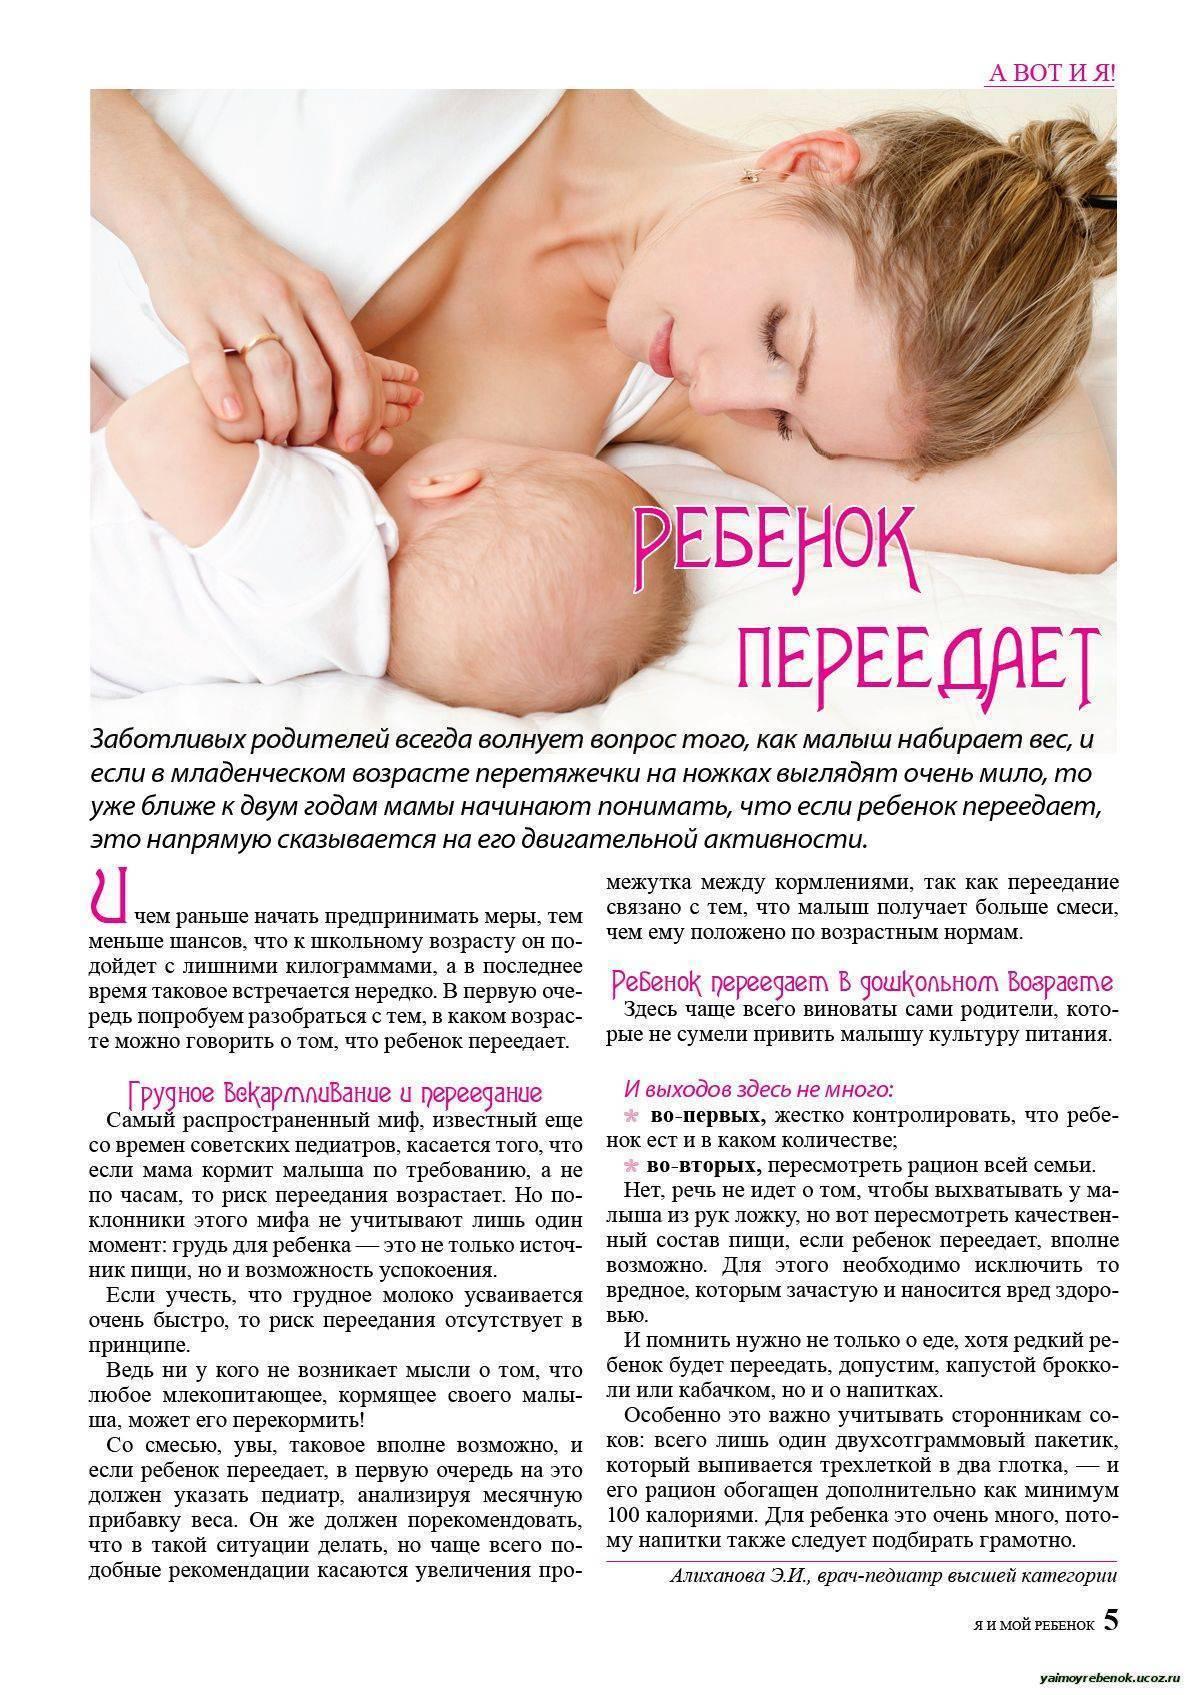 Месячные во время кормление грудного ребенка